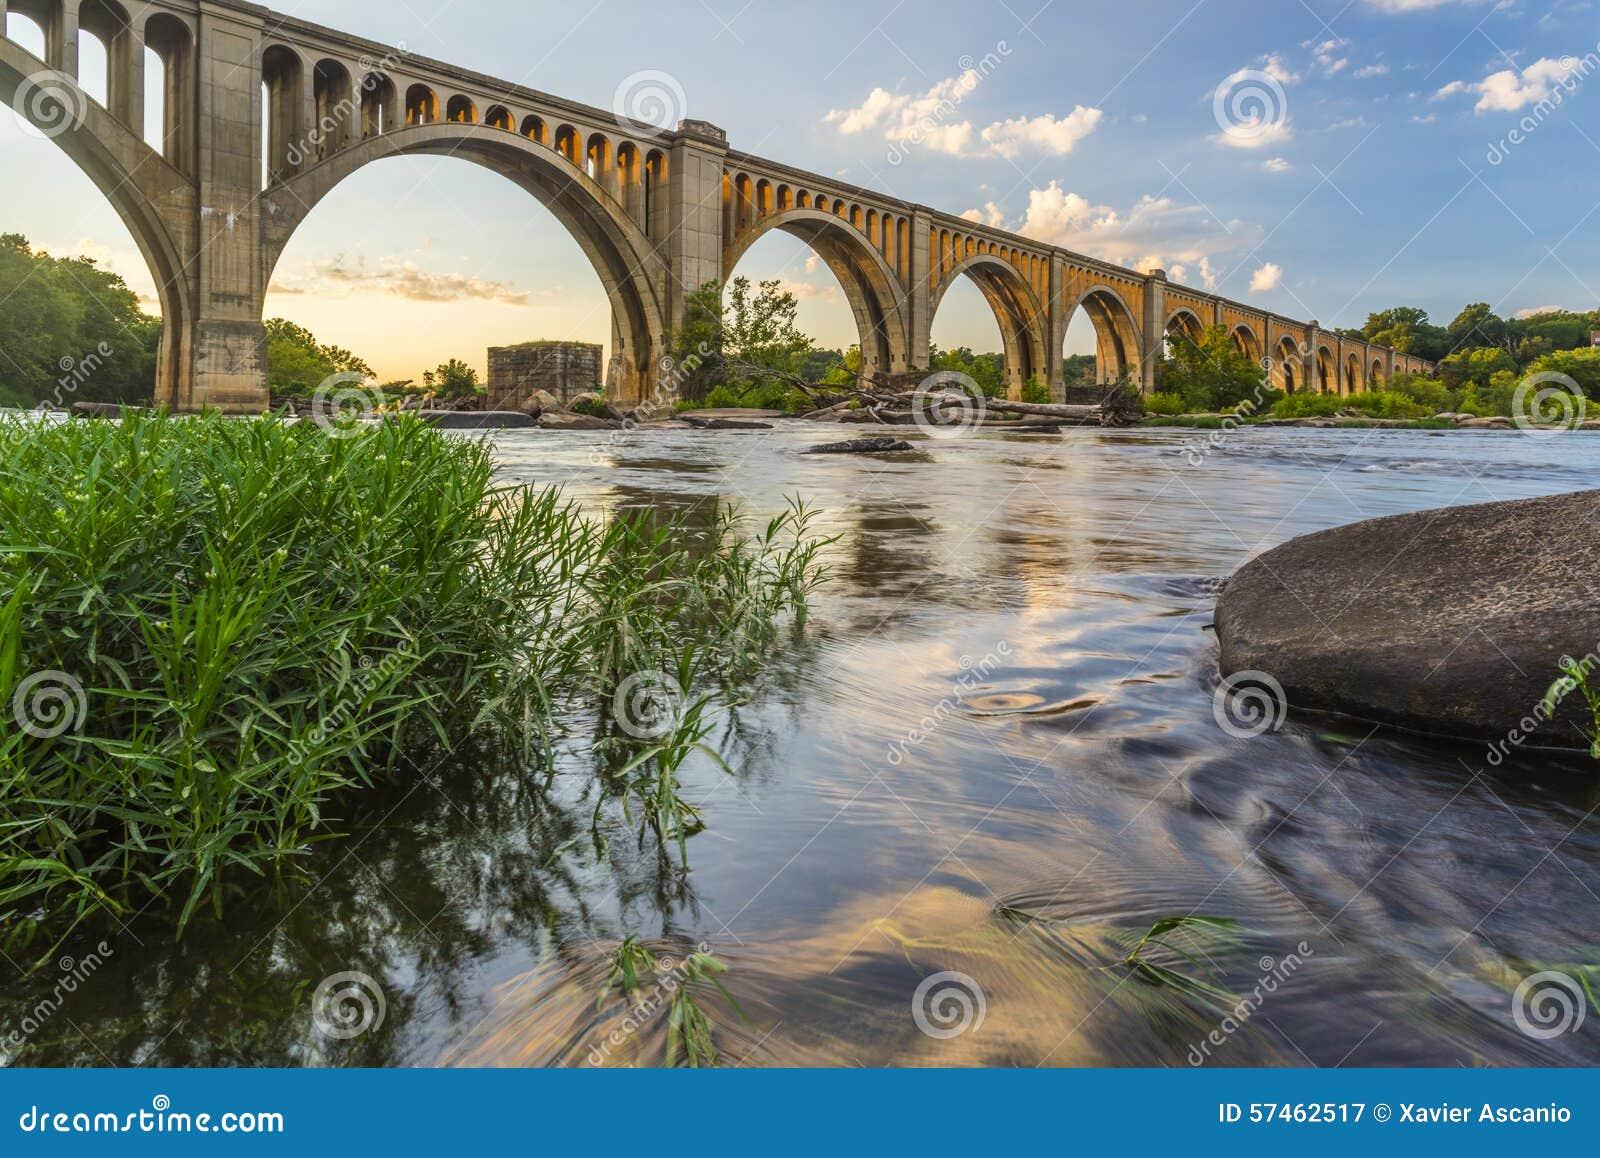 Richmond Railroad Bridge Over James River